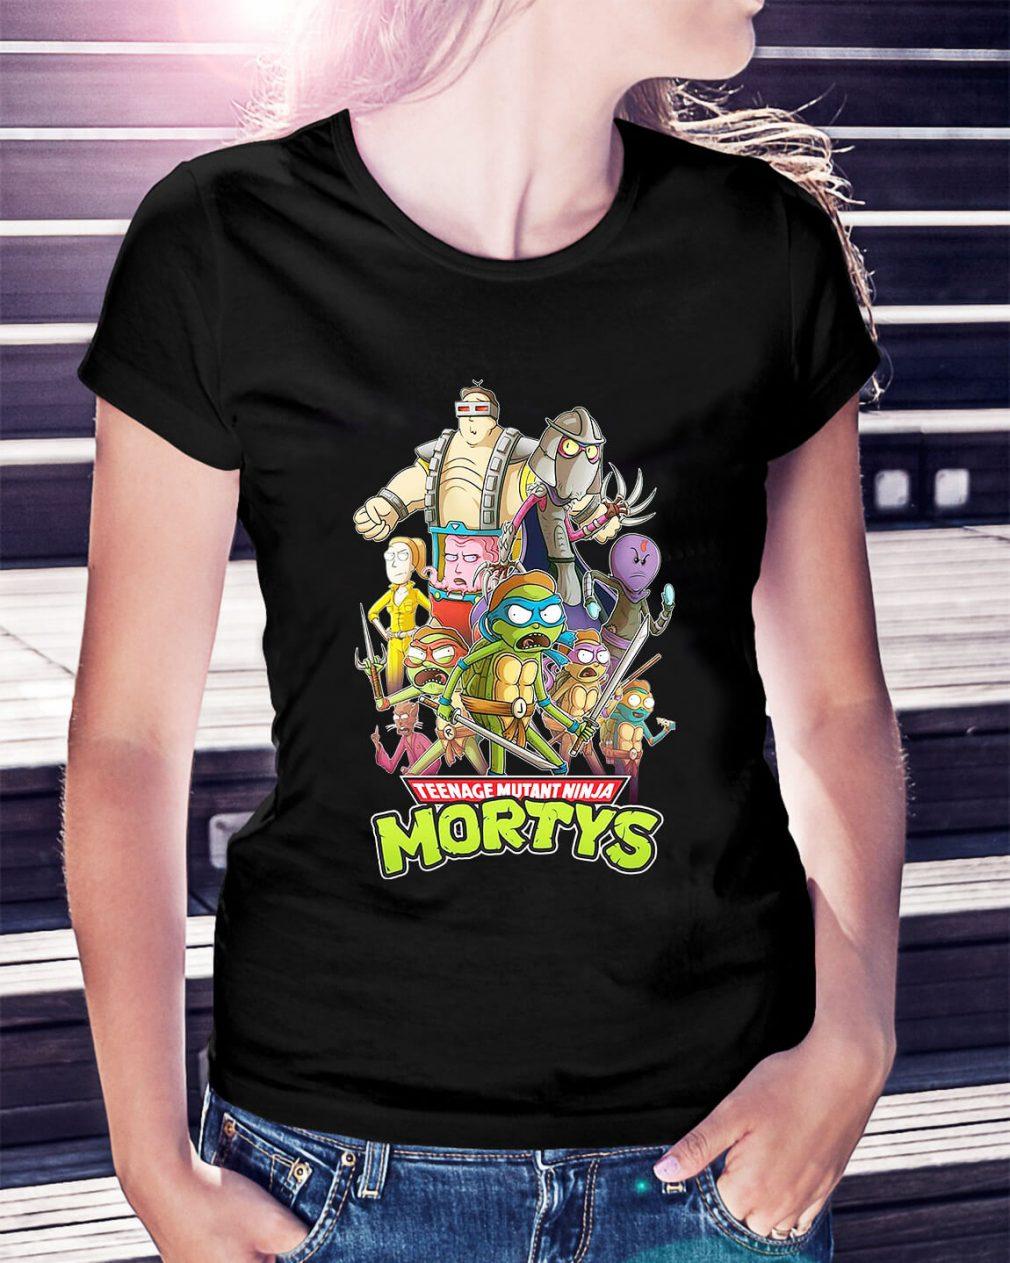 Teenage mutant ninja Mortys Ladies Tee